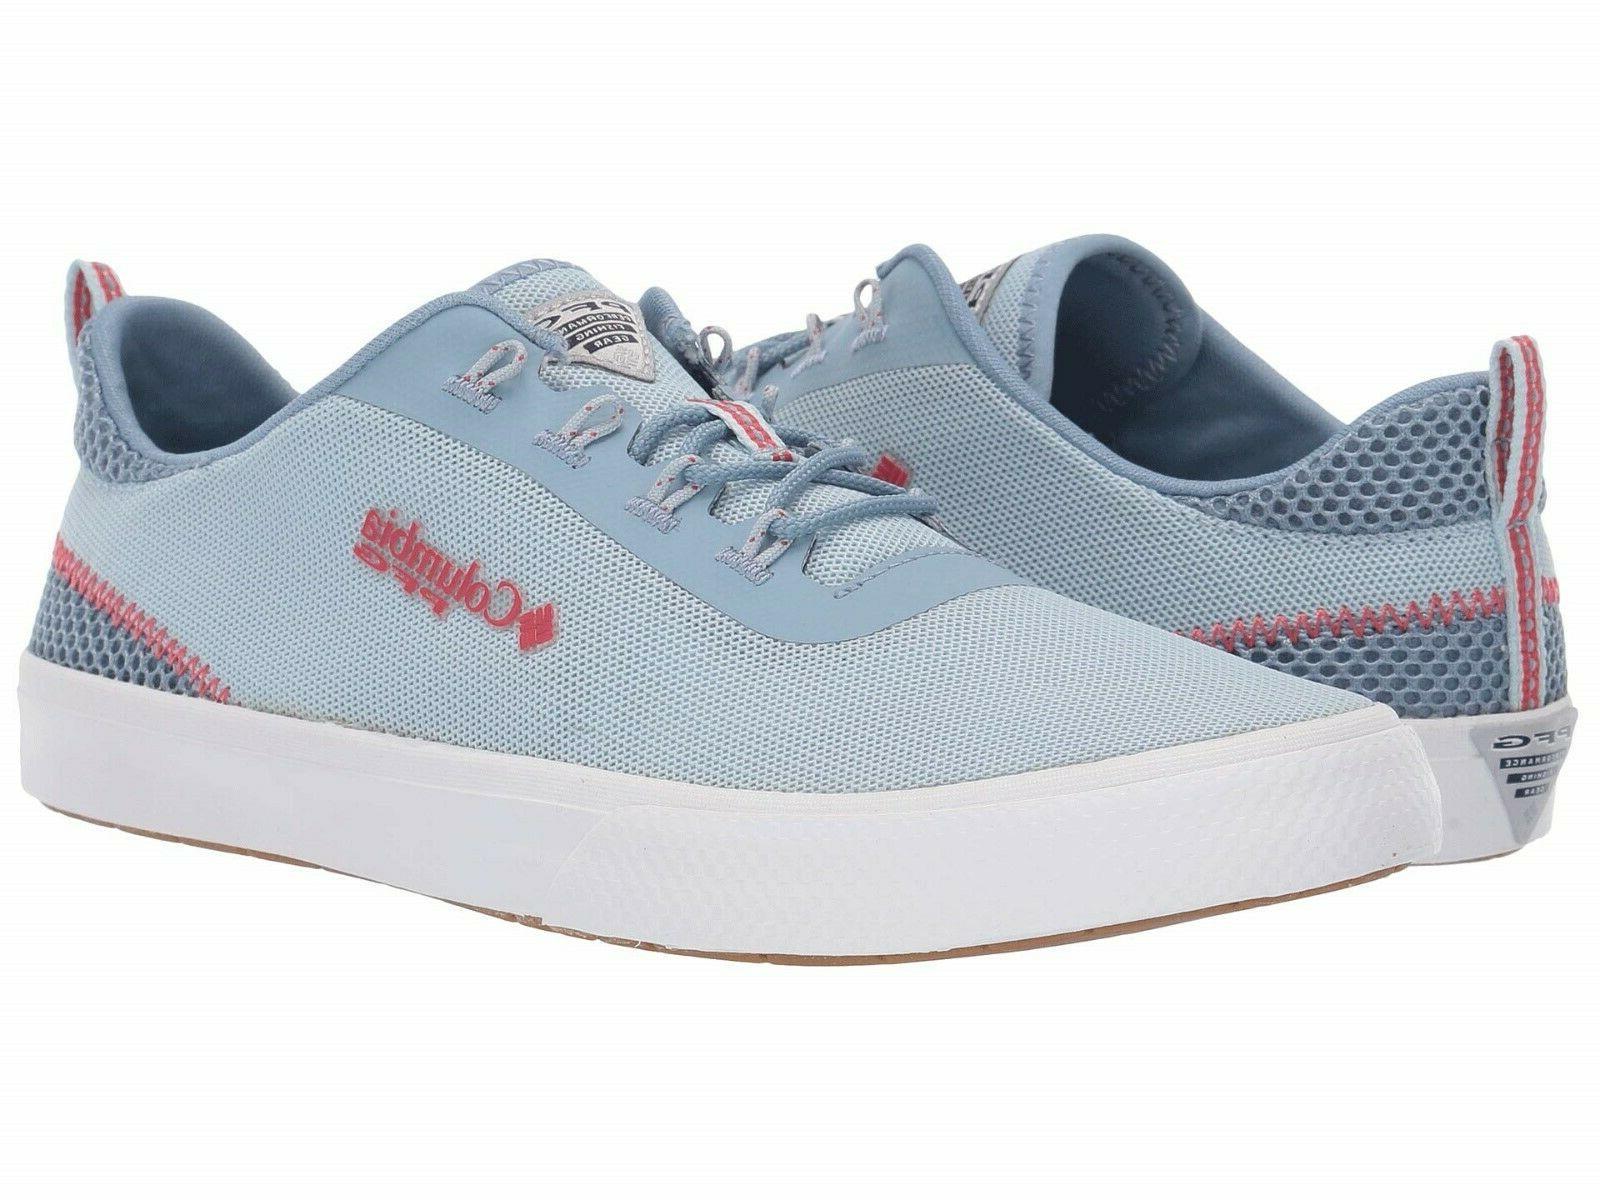 Columbia Dorado PFG Women Water Shoes Boat Fishing Sneaker M